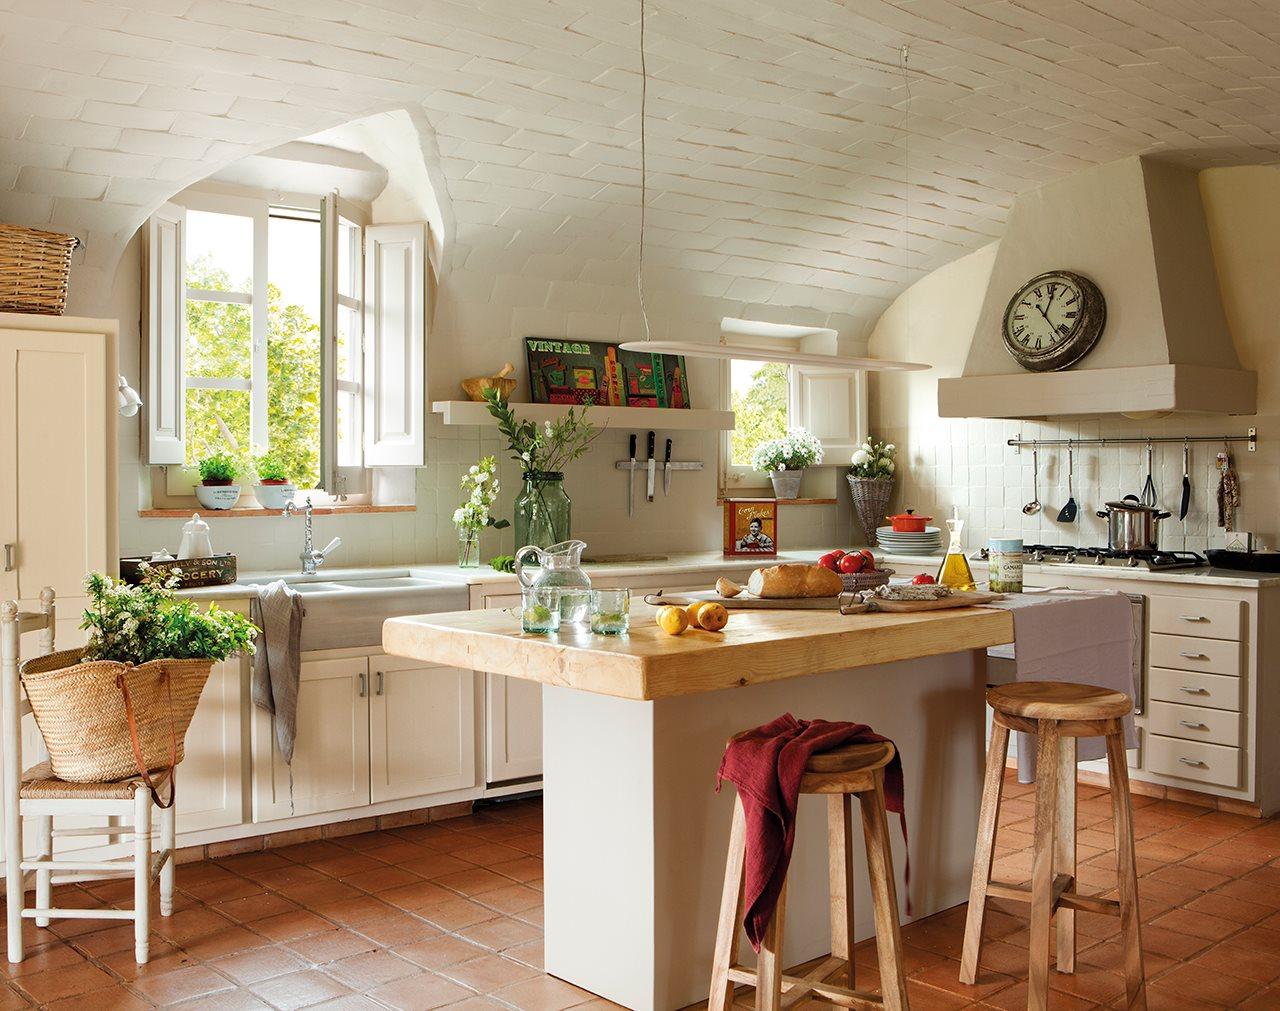 172 fotos de islas - Campanas de cocina rusticas ...